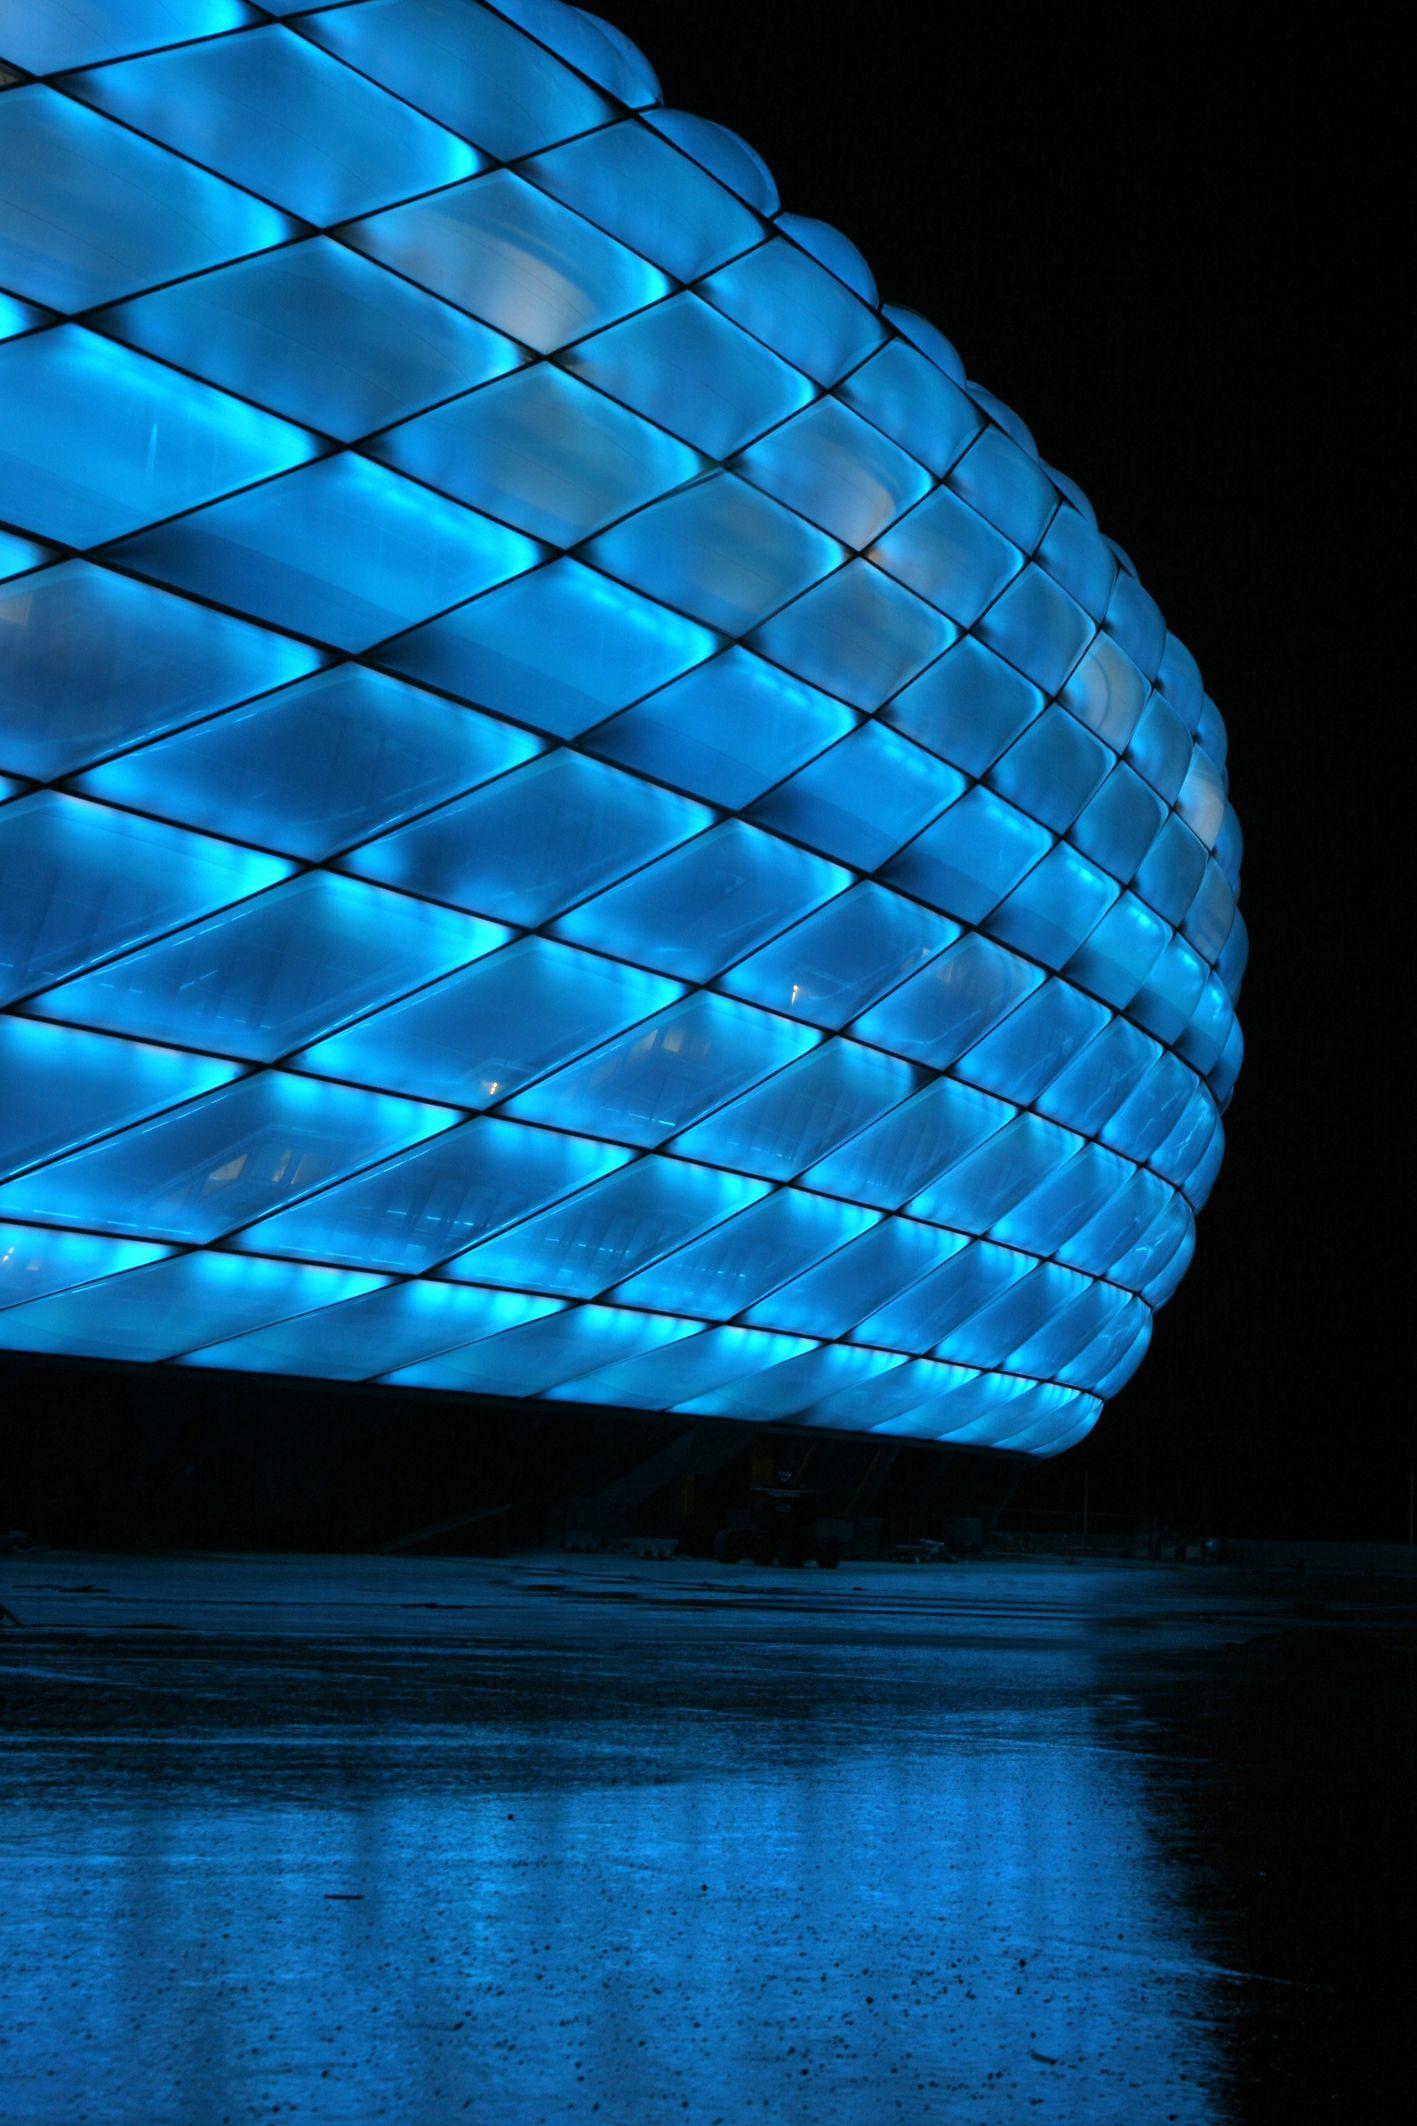 El estadio Allianz Arena en Mºnich sede de los equipos FC Bayern München y el TSV 1860 München Alemania Pinterest